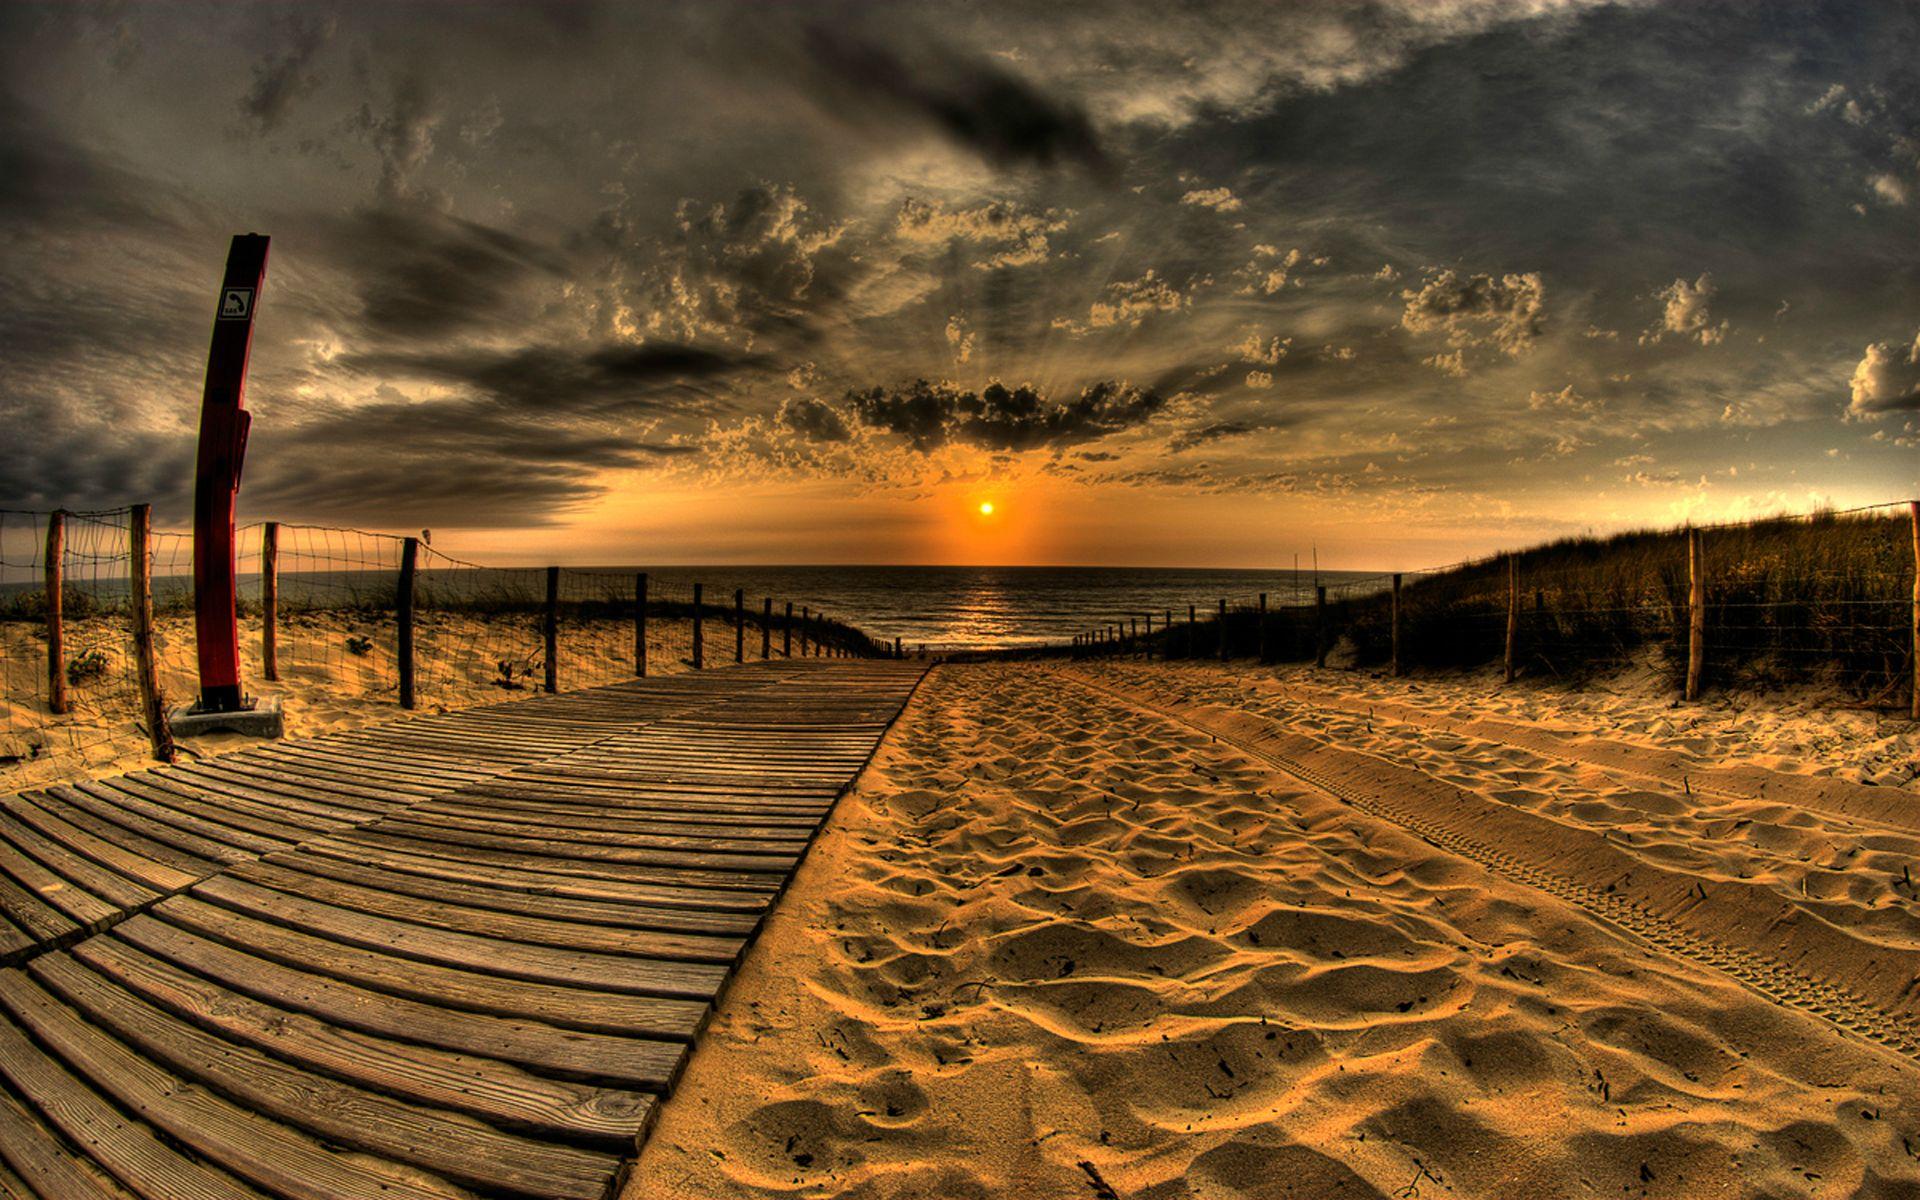 wallpaper Beach Sunset Screensavers hd wallpaper background desktop 1920x1200